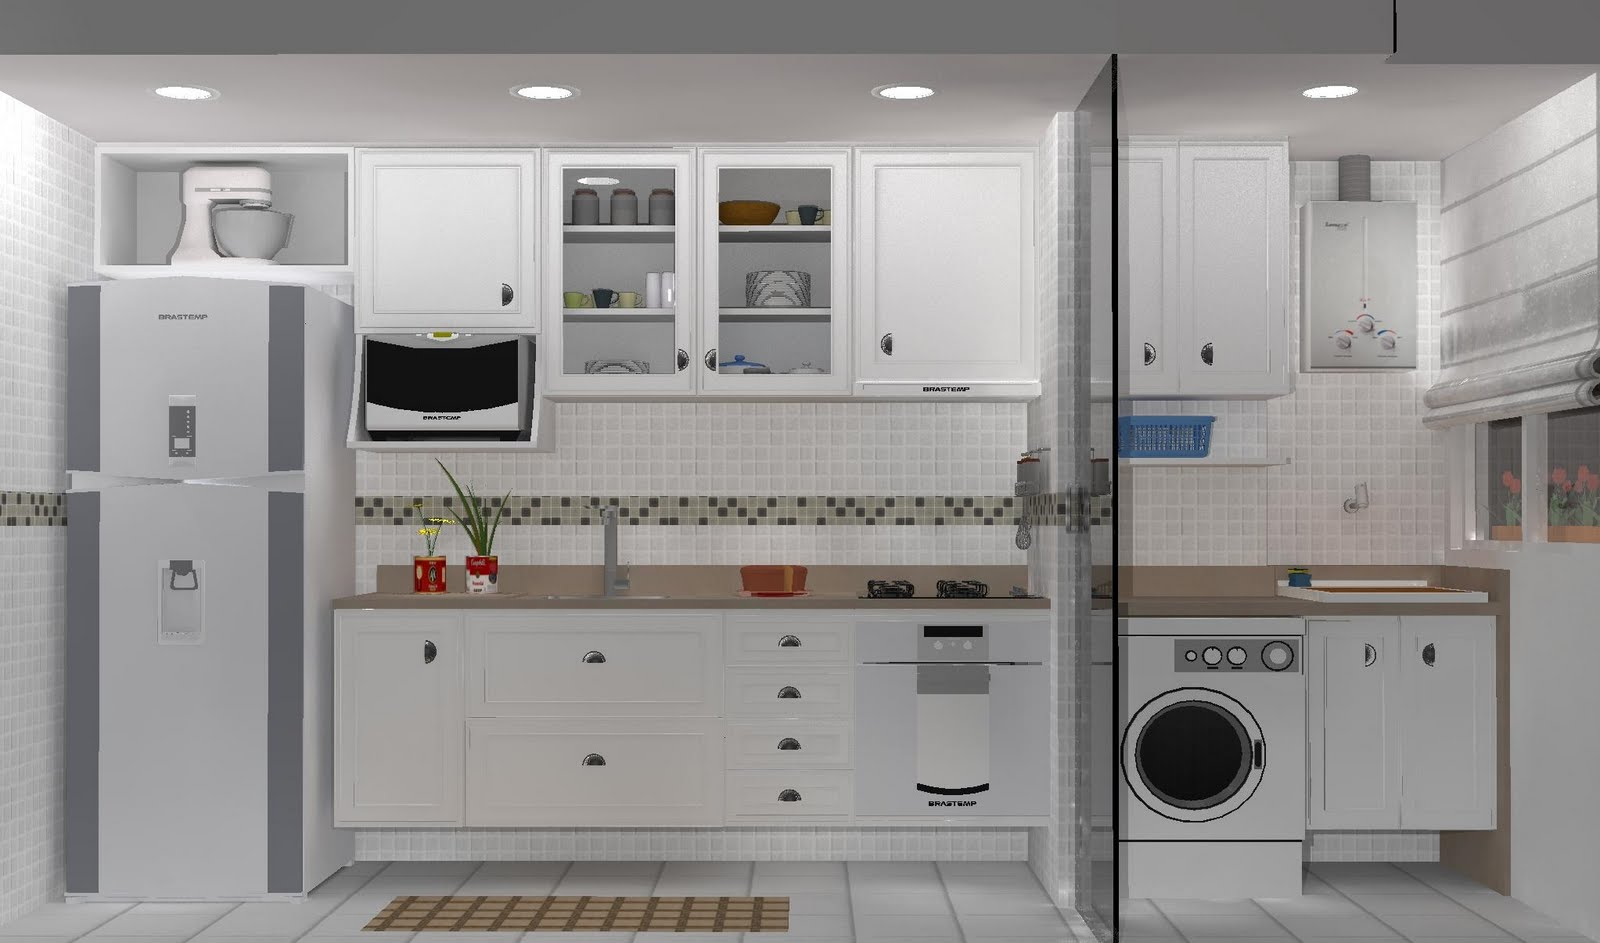 #384F6A APM INTERIORES: Projetos 1600x943 px Projeto Cozinha E Lavanderia_4171 Imagens